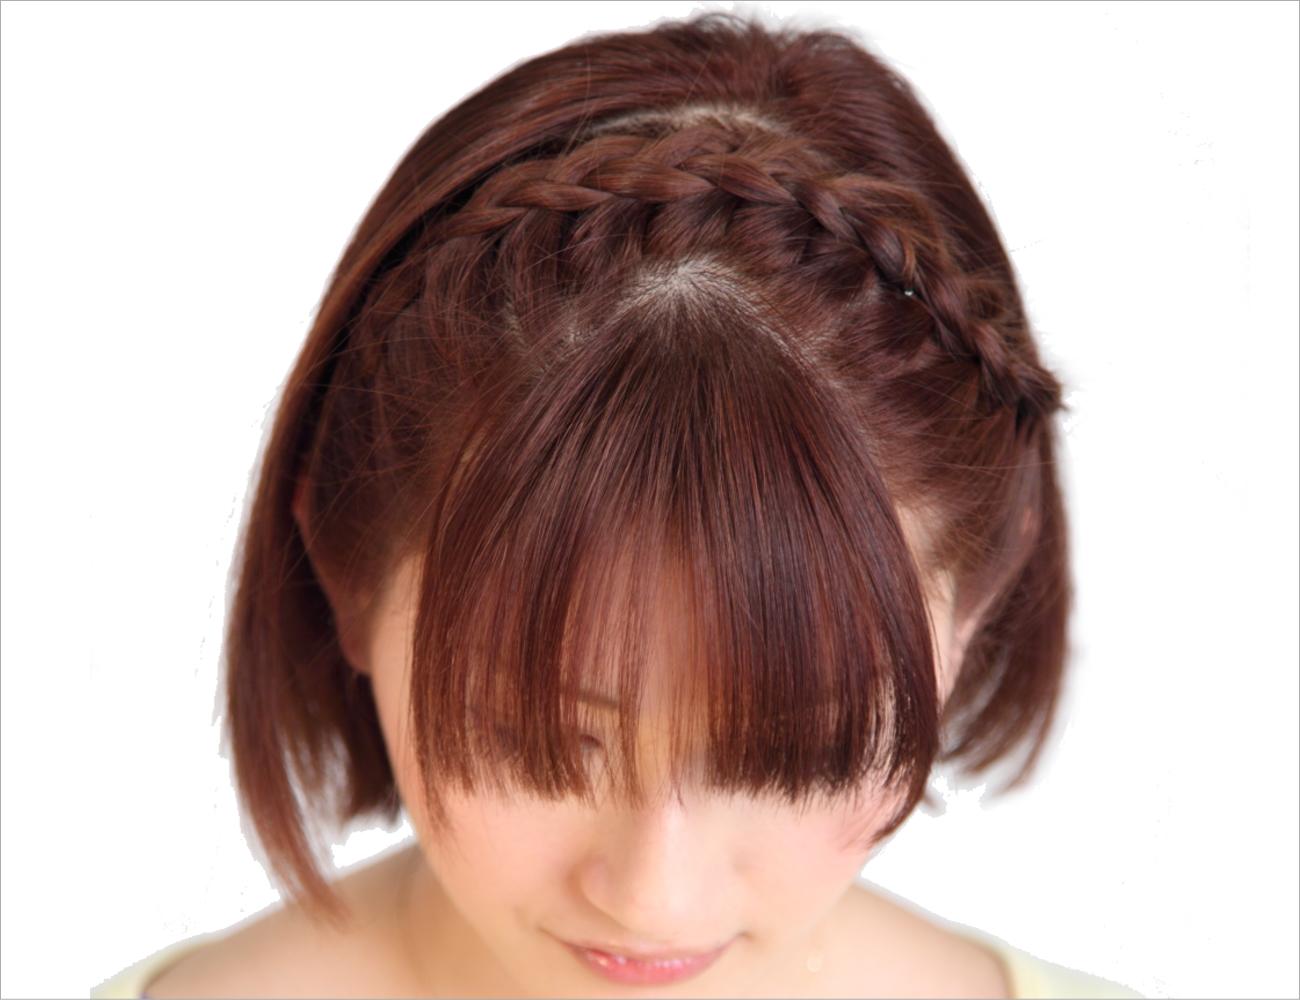 顔周りカチューシャ風編み込みヘア